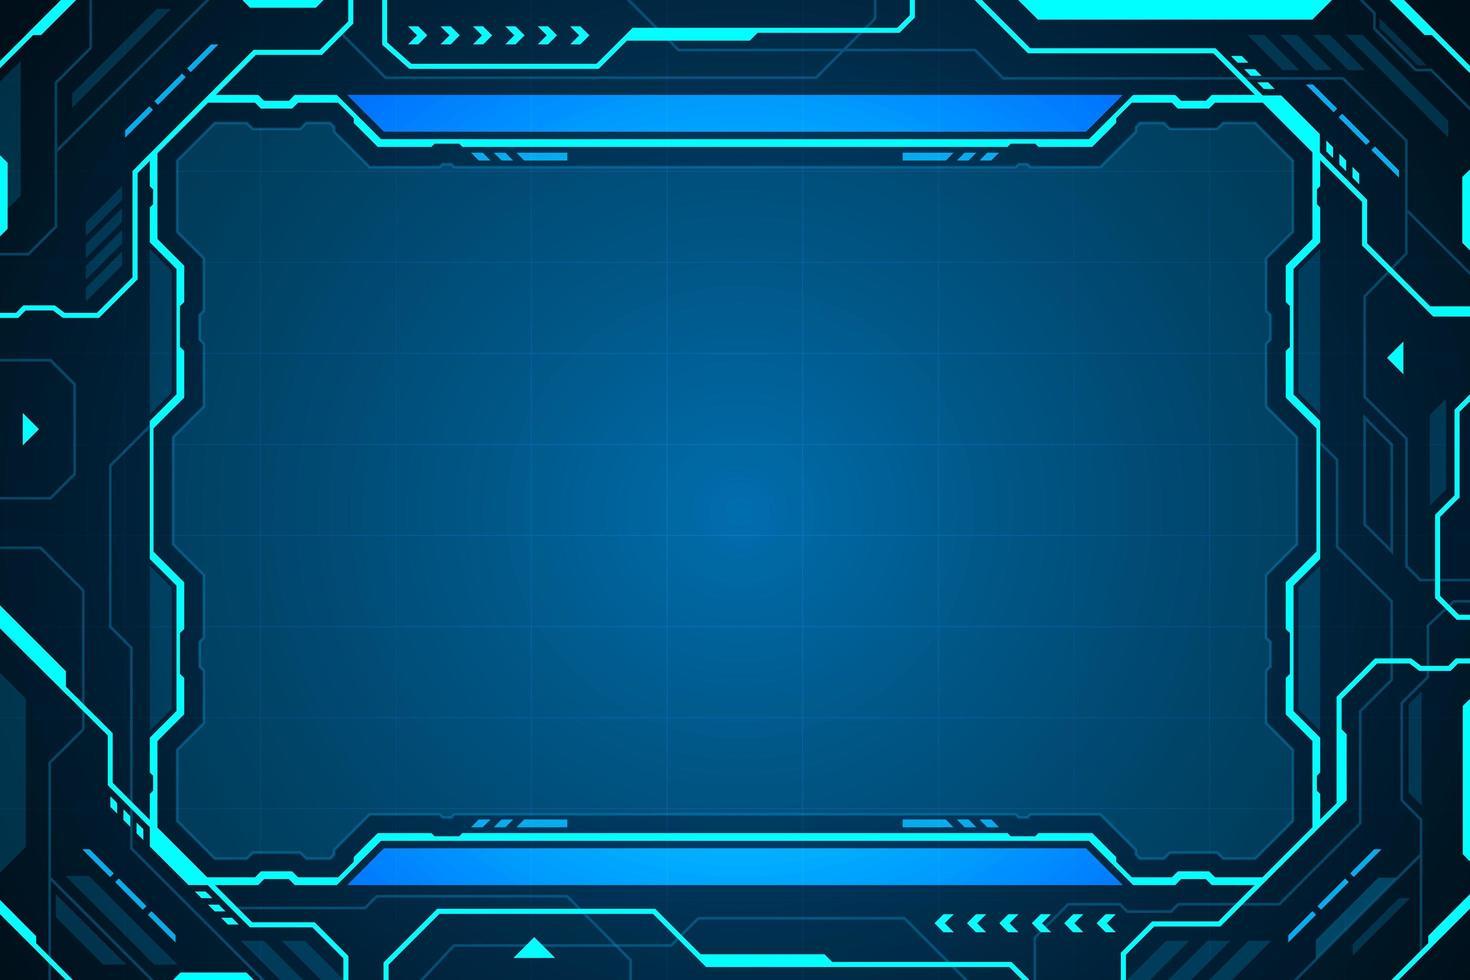 interface de tecnologia abstrata hud frame vetor